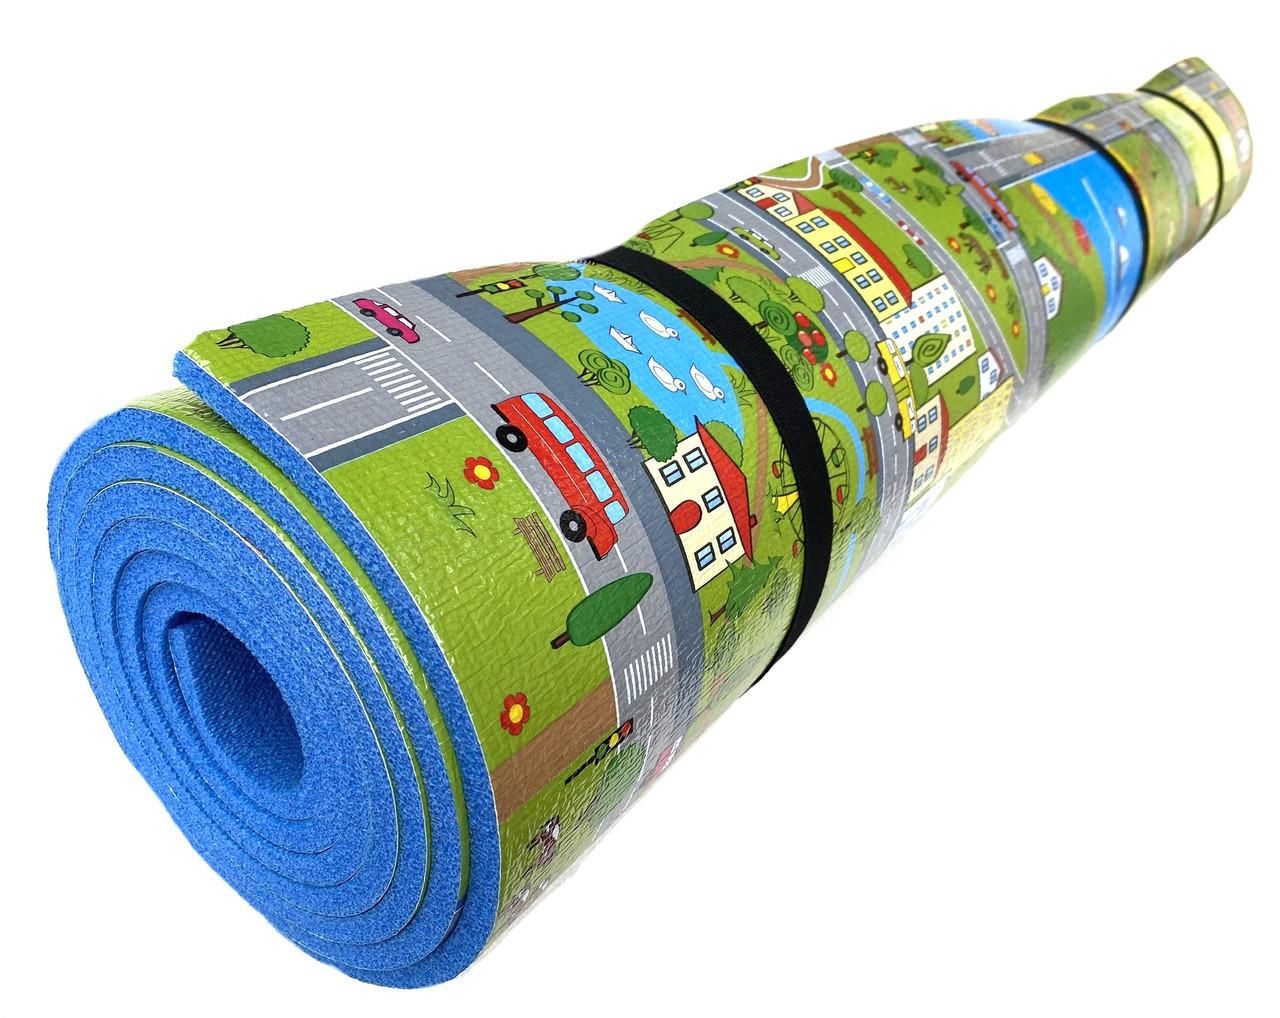 Детский коврик 2500×1200×8мм, «Парковый городок», теплоизоляционный, развивающий, игровой коврик.